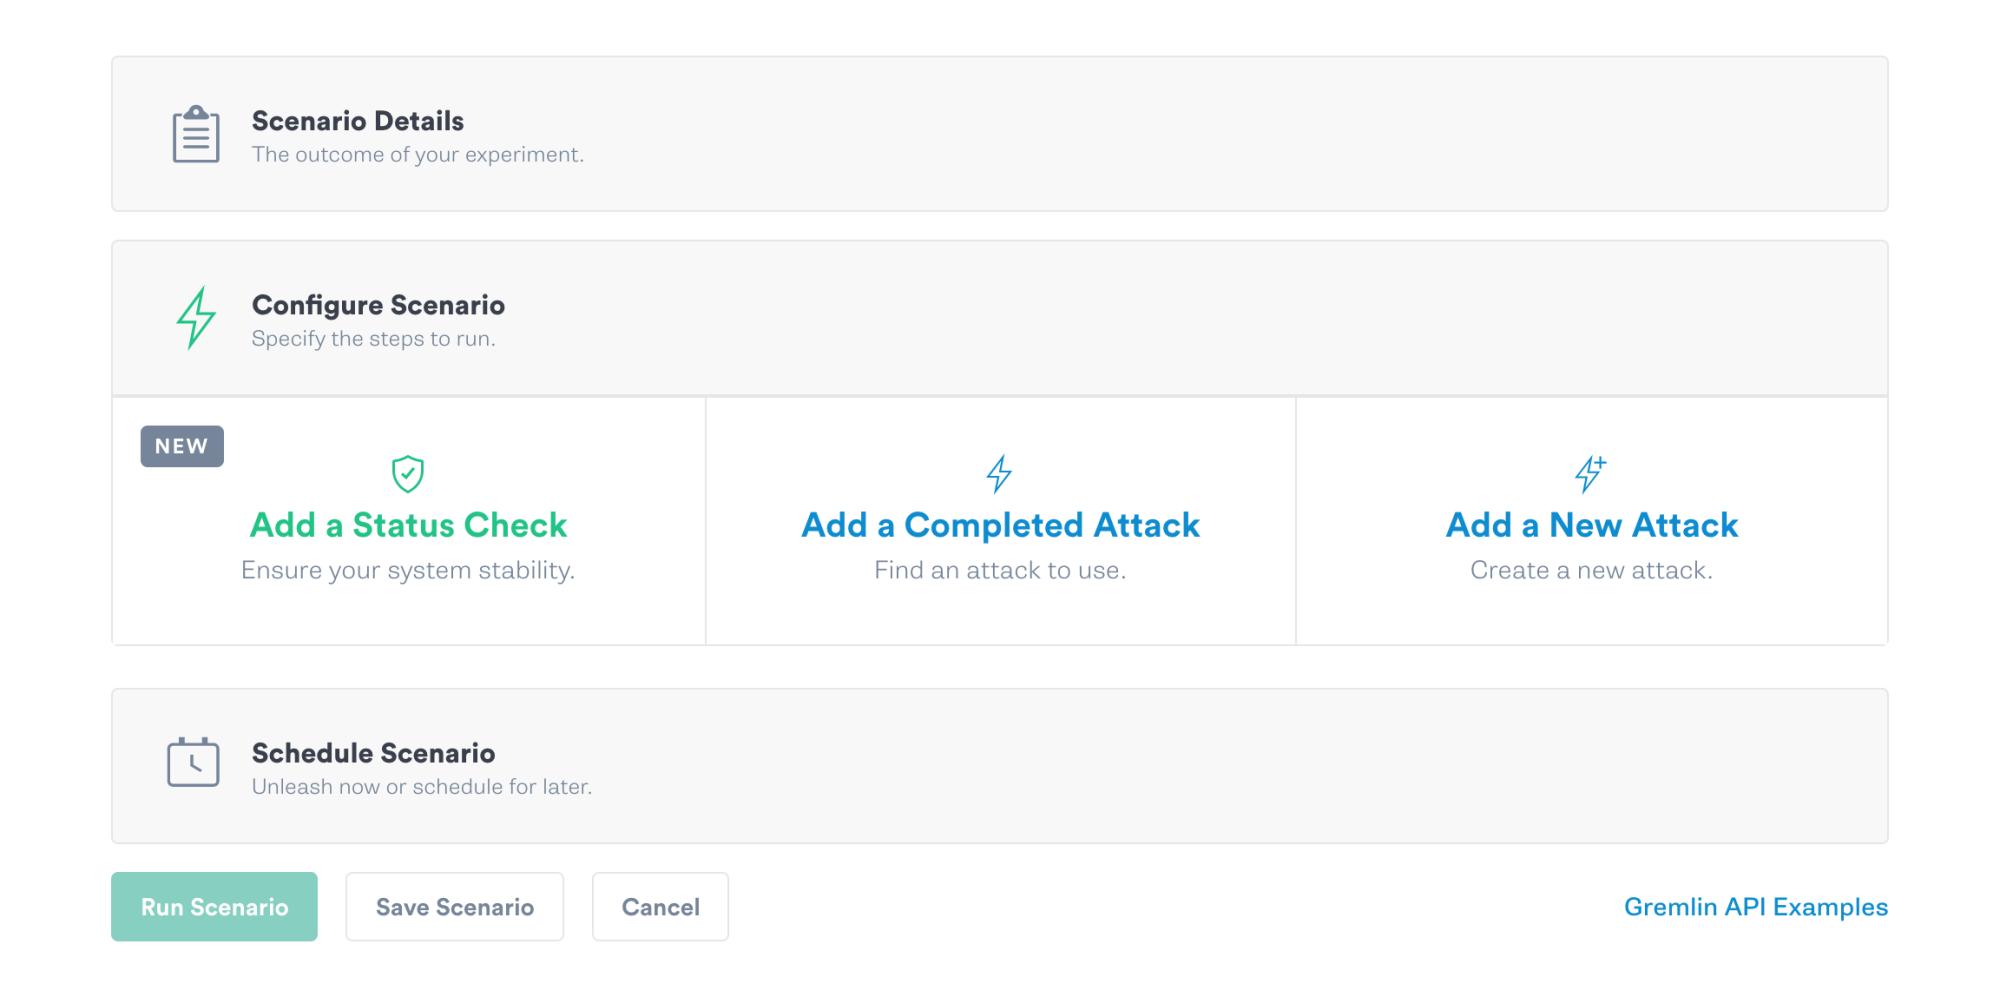 """Add a Status Check to your Scenario using the """"Add a Status Check"""" button"""